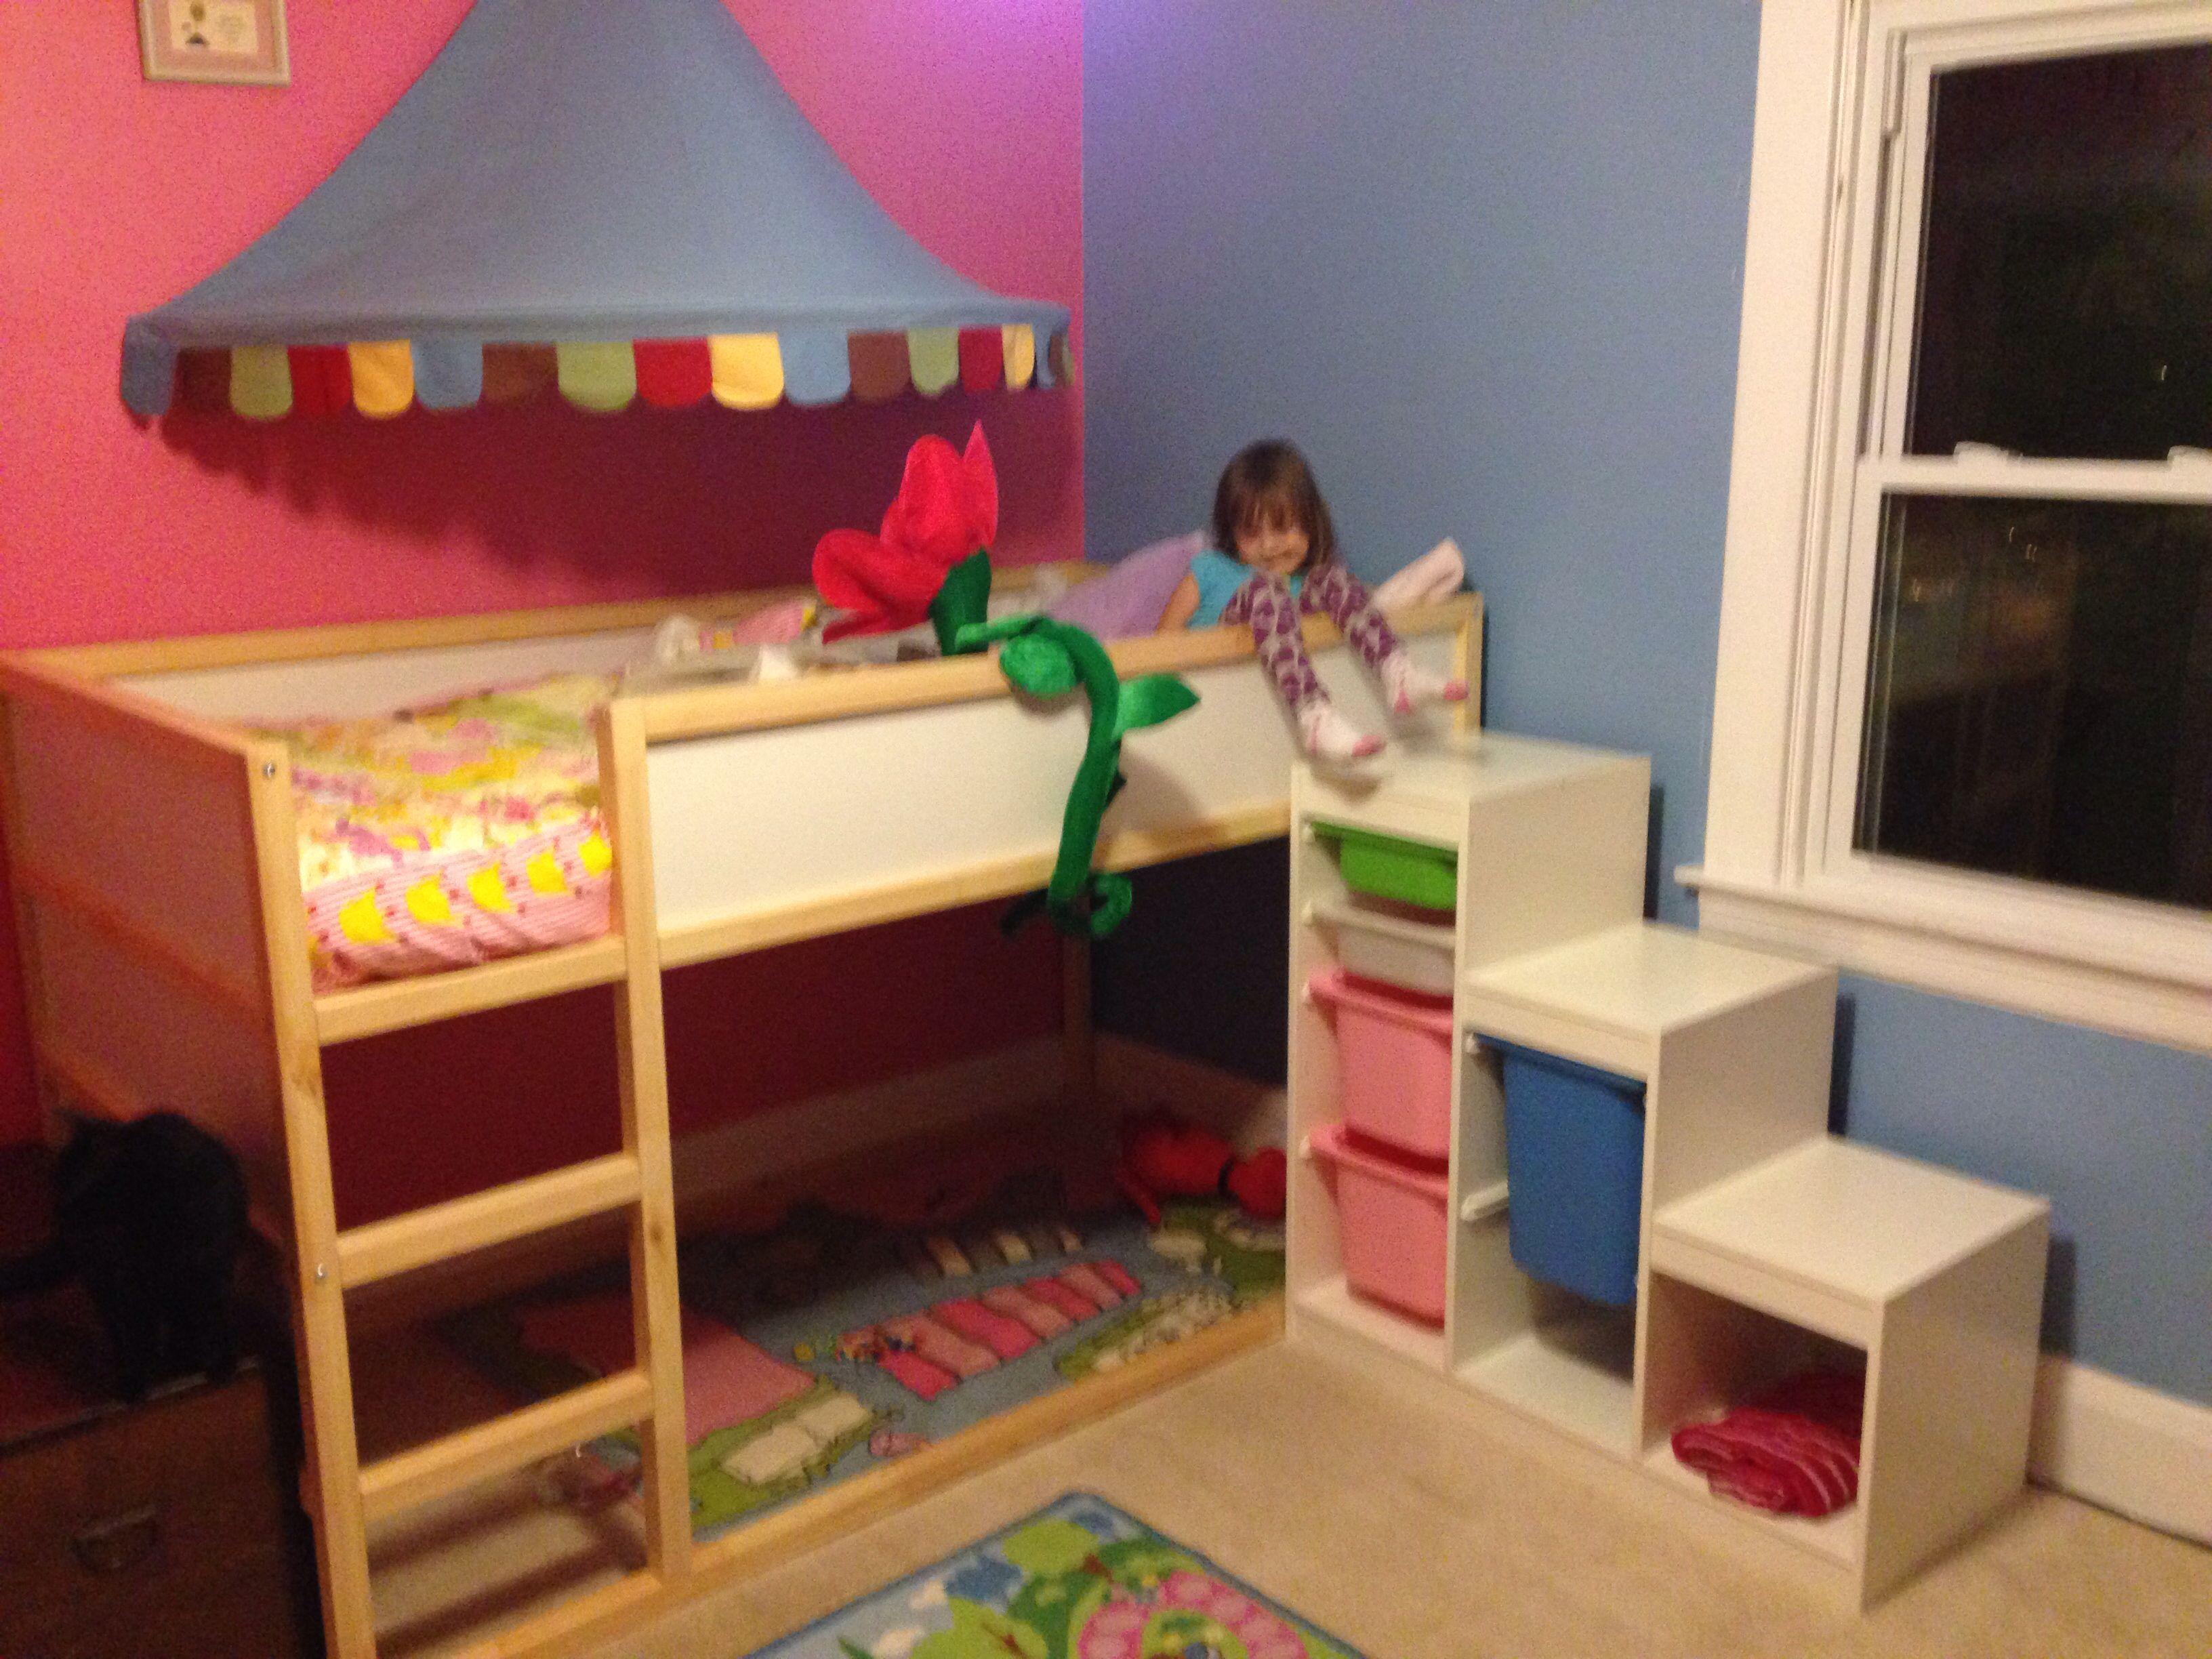 Ikea kura with trofast storage kids rooms pinterest for Ikea bunk bed kids